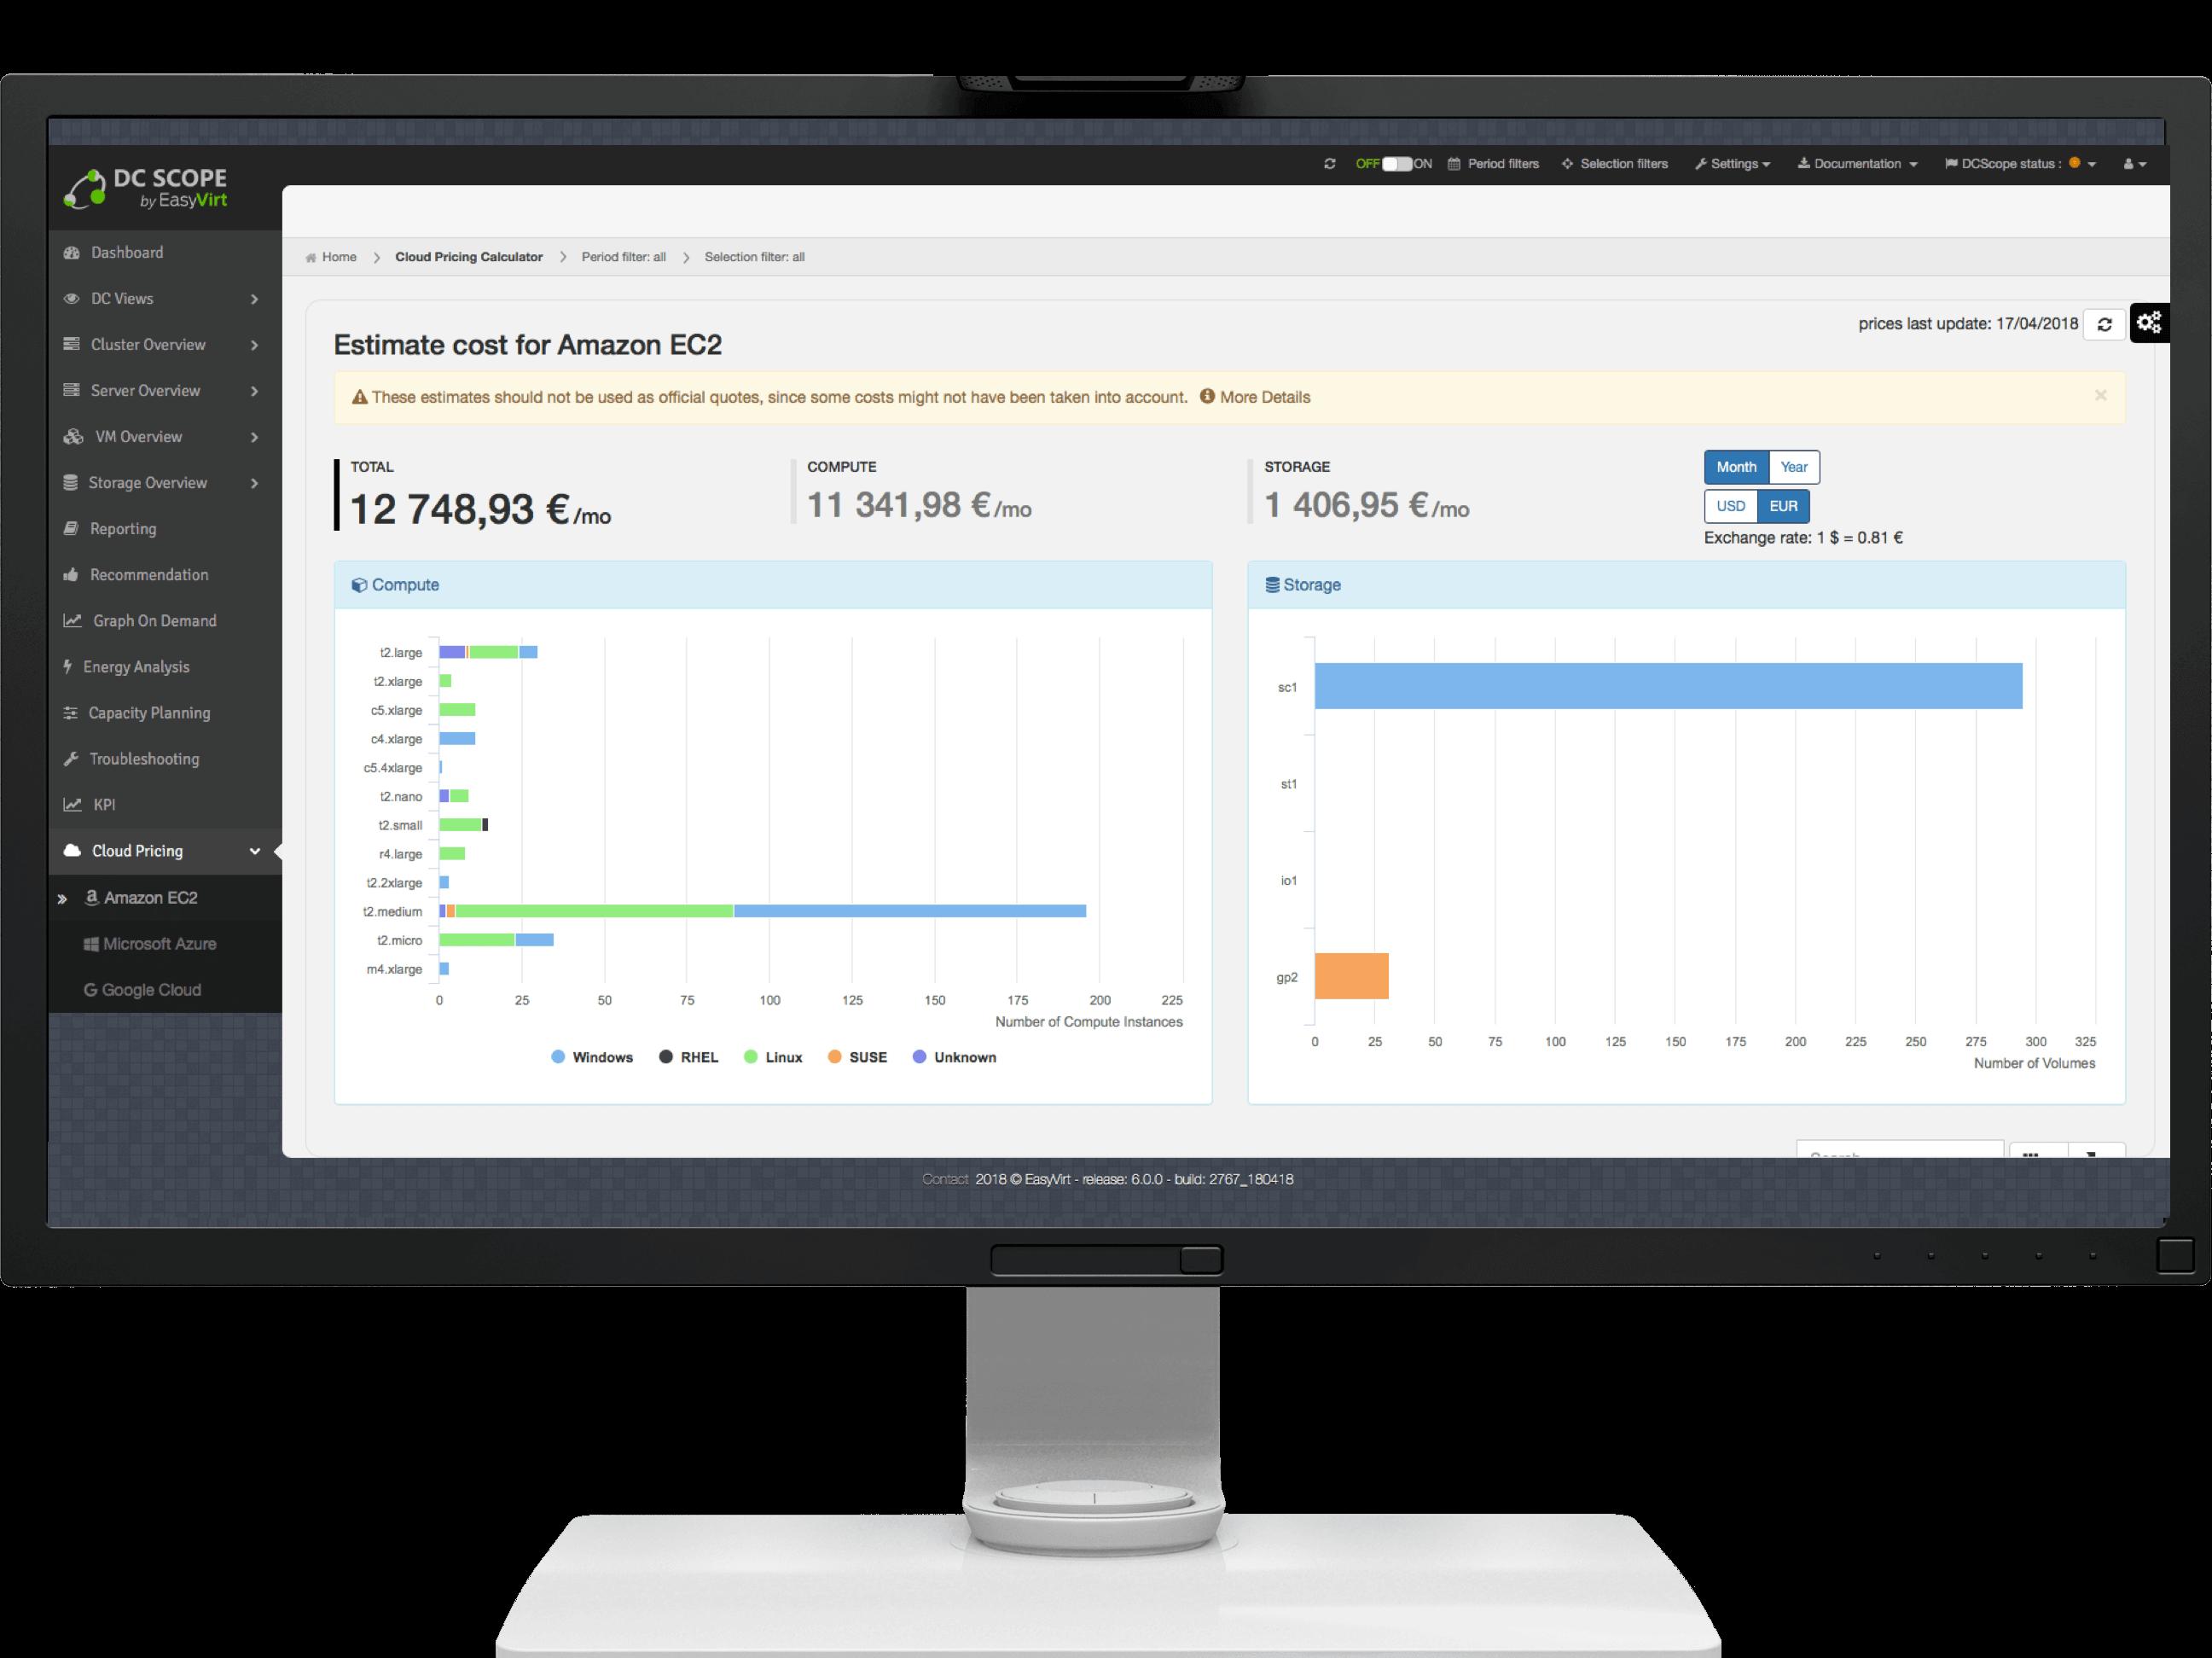 Easyvirt - Cloud pricing module